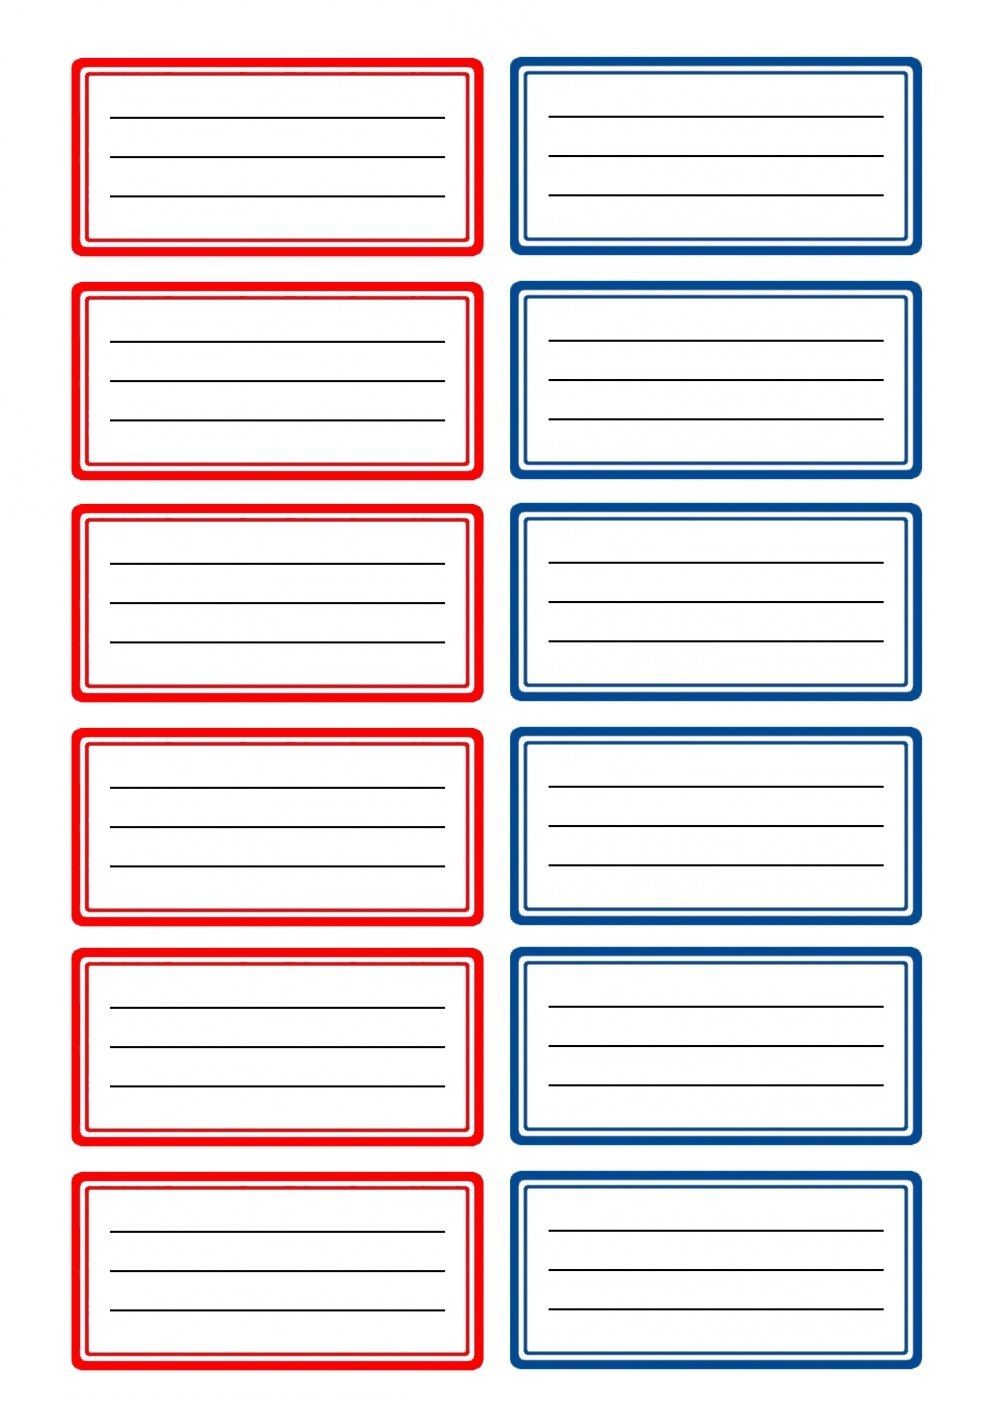 Préférence Etiquettes Pour Cahiers Et Livres A Imprimer Lecole picture | กรอบ  LE23